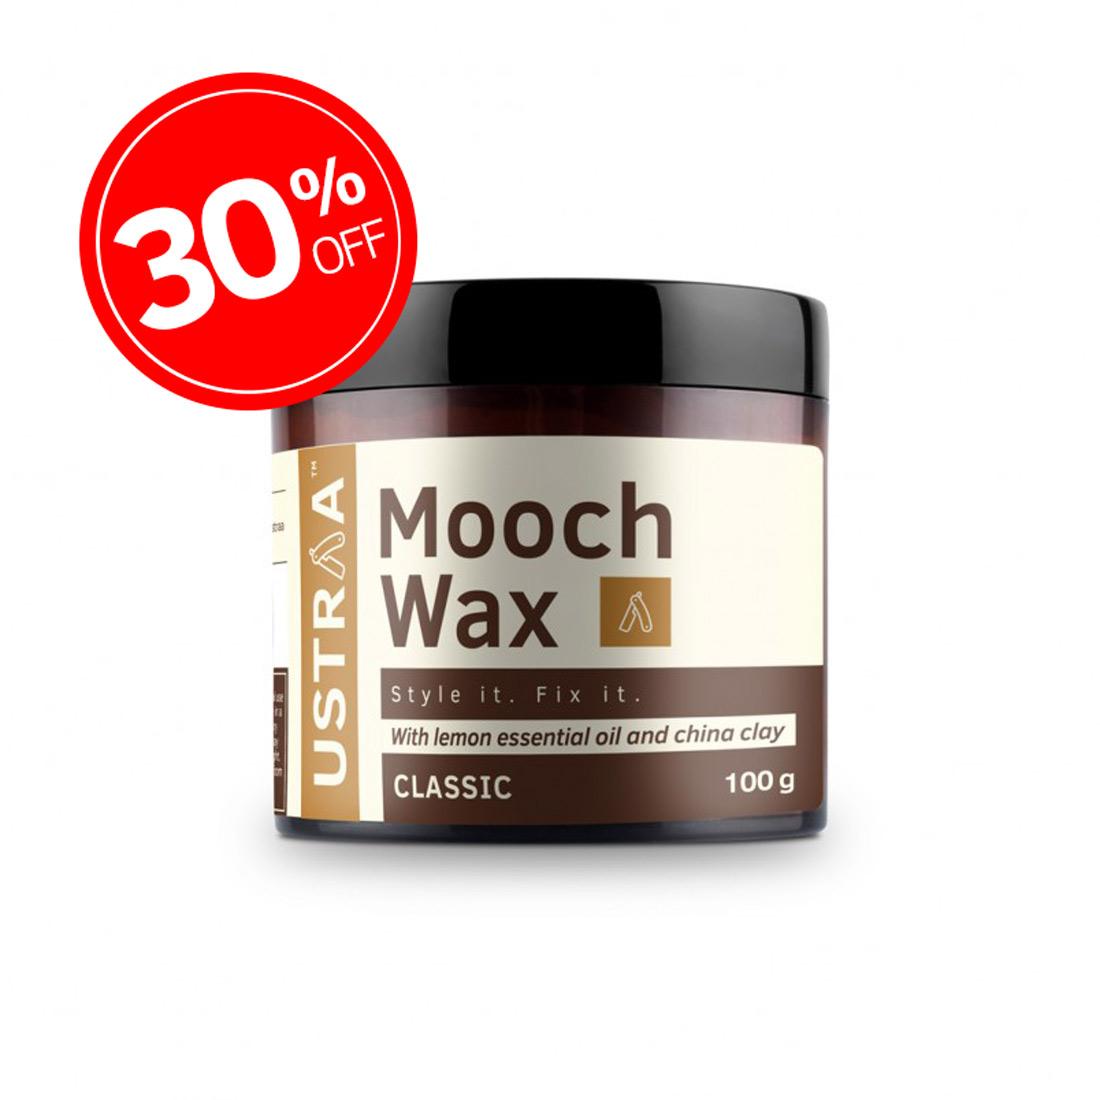 Beard & Mooch Styling Wax - 100g